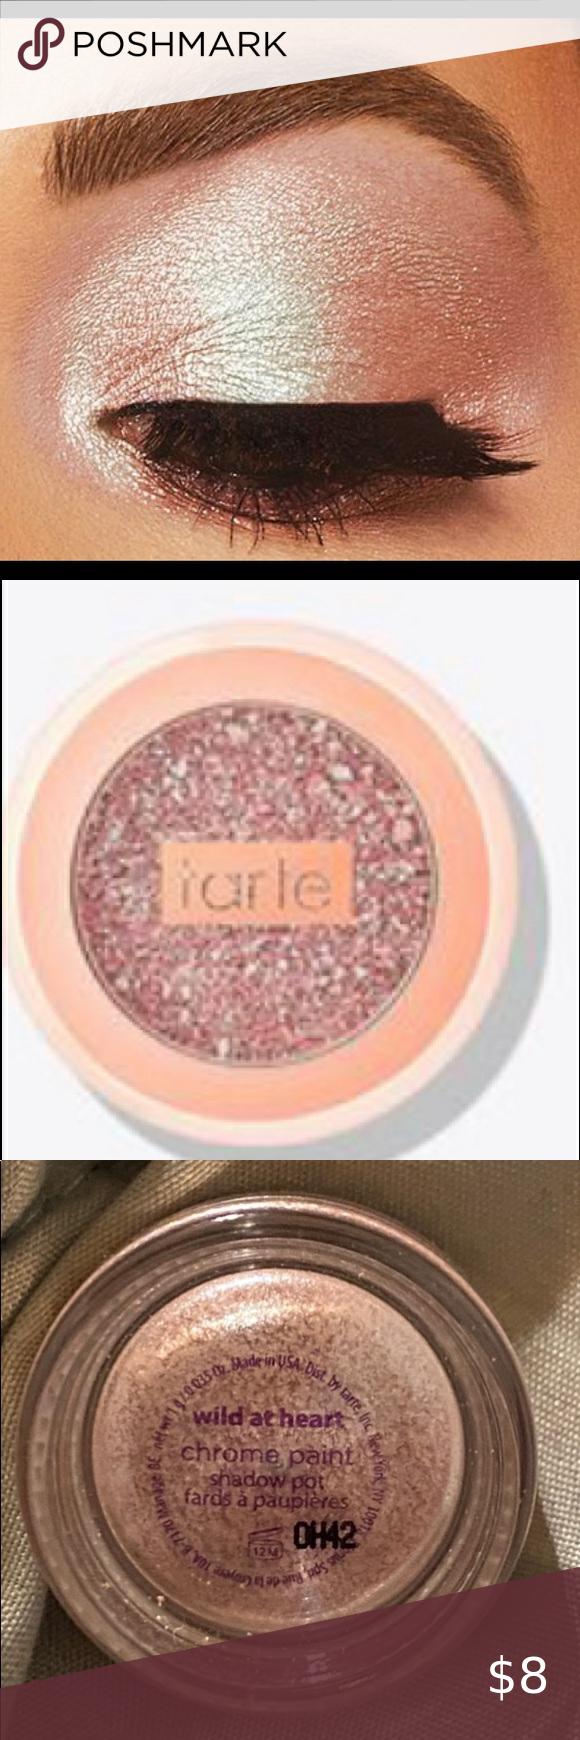 Tarte Wild At Heart : tarte, heart, Tarte, Holiday, Limited, Edition, Eyeshadow, Eyeshadow,, Makeup